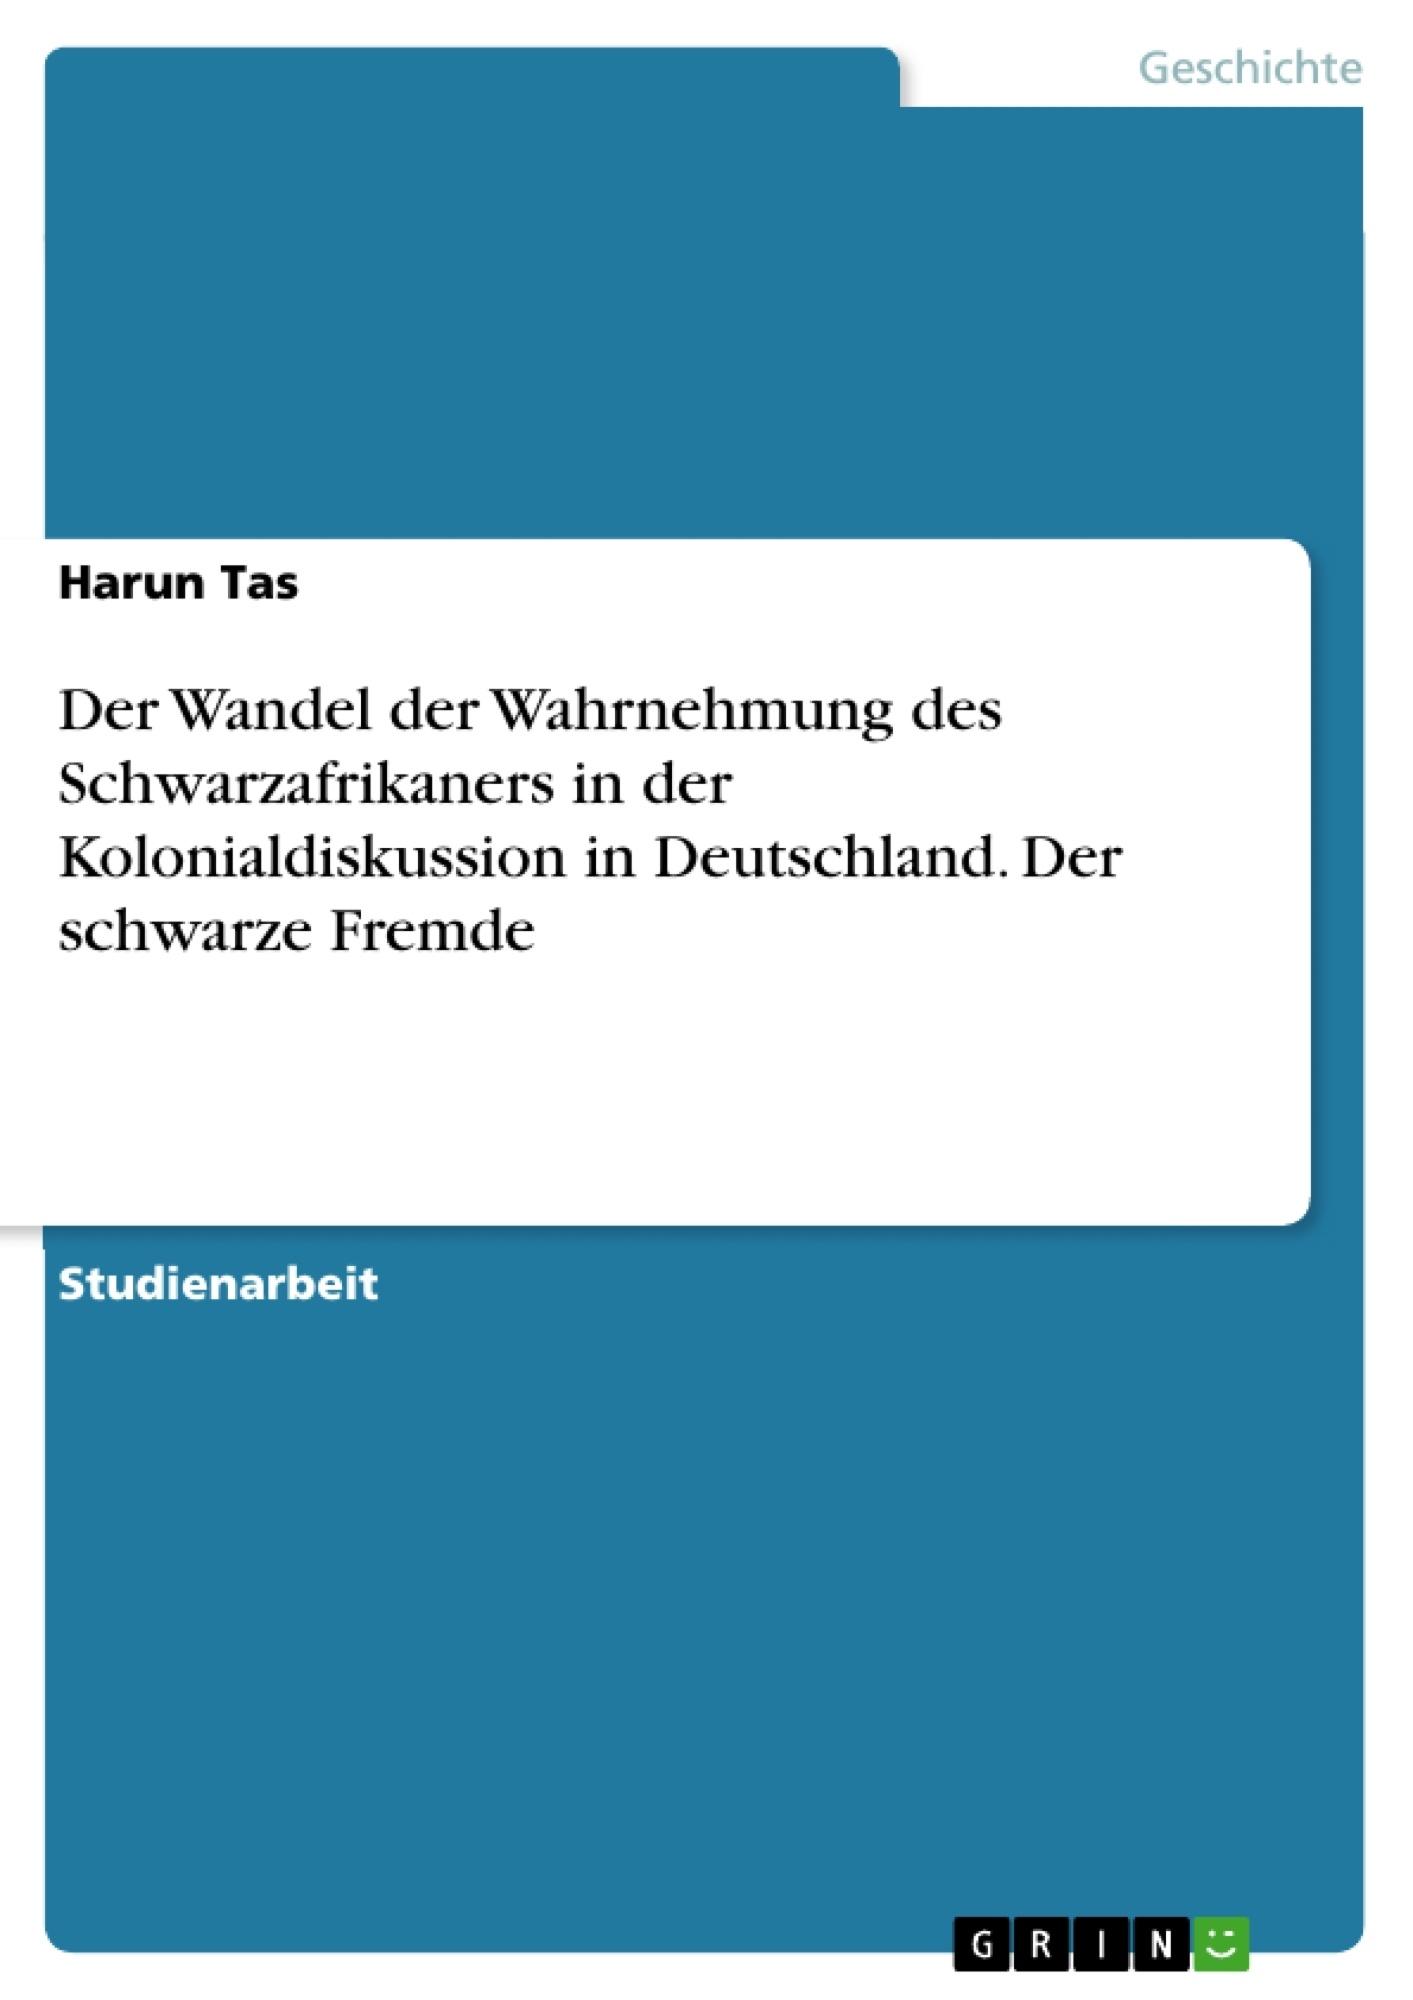 Titel: Der Wandel der Wahrnehmung des Schwarzafrikaners in der Kolonialdiskussion in Deutschland. Der schwarze Fremde